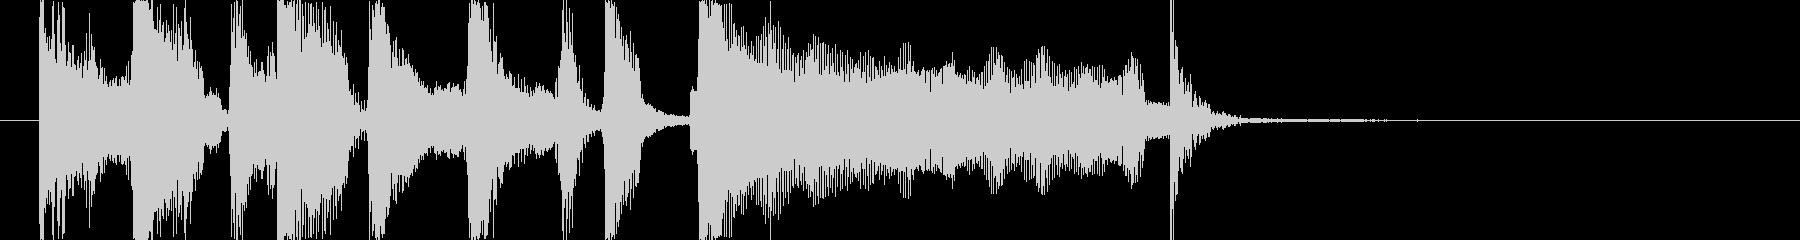 ロックオルガンのジングルの未再生の波形